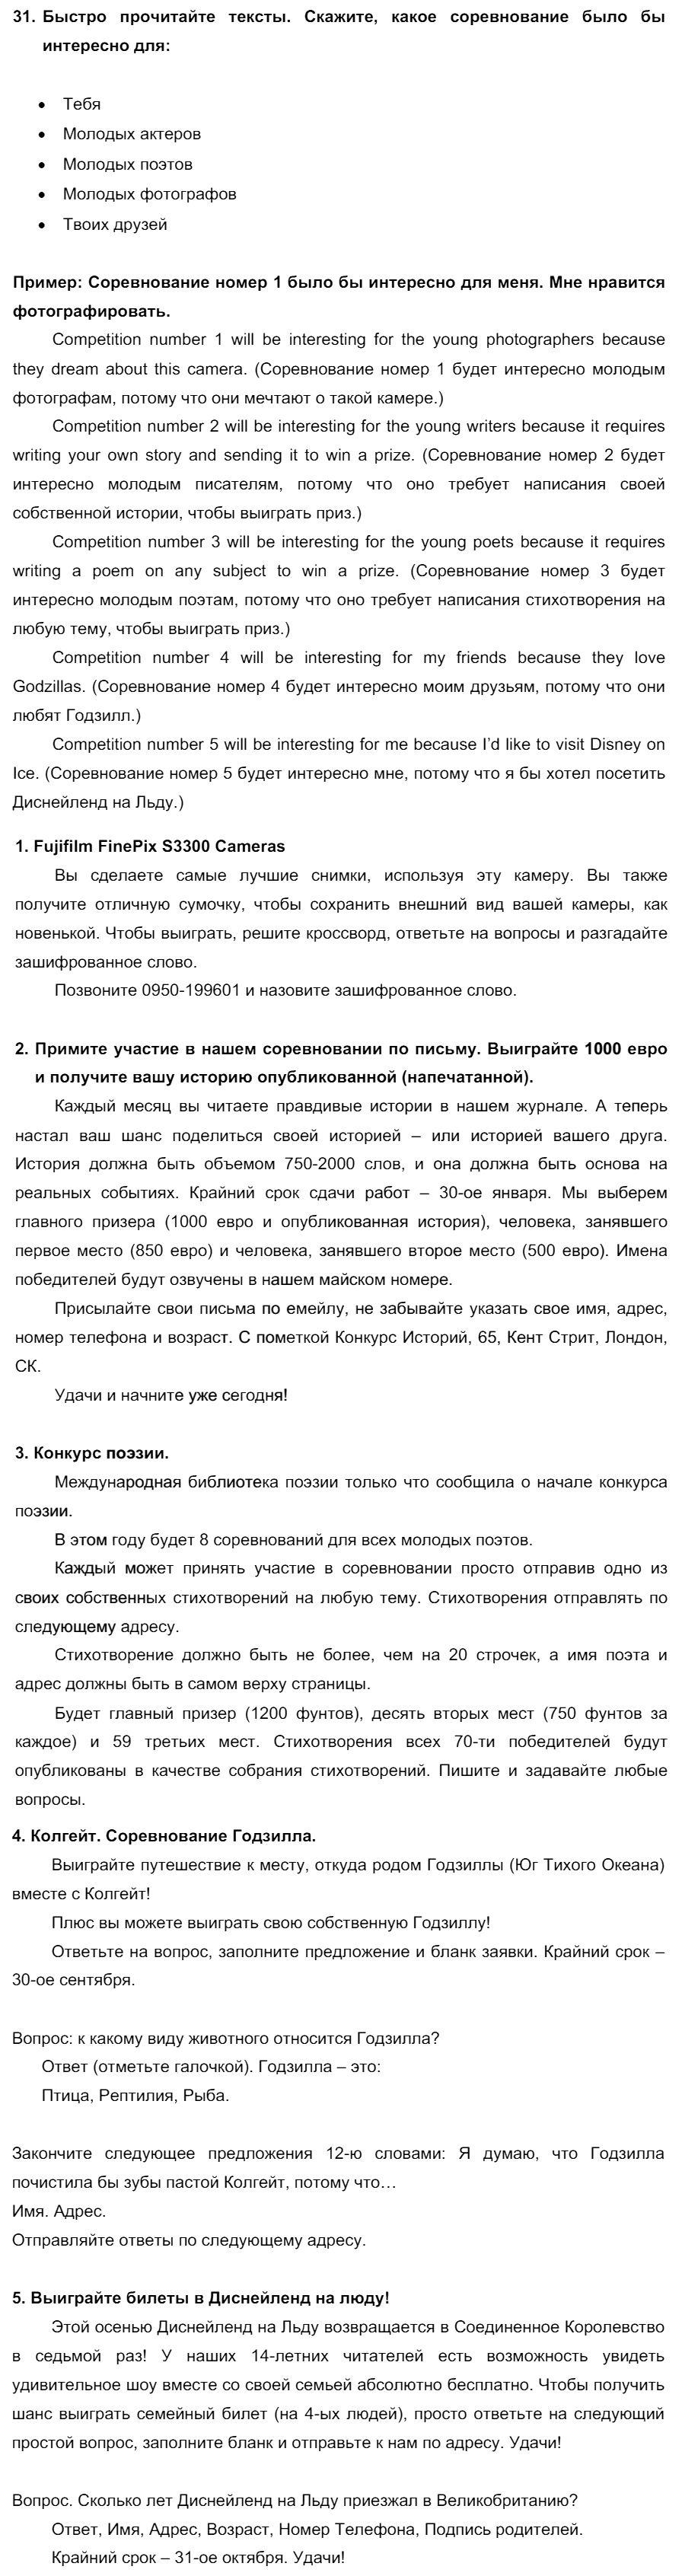 Английский язык 7 класс Биболетова М. З. Unit 1. Международные соревнования тинейджеров / Разделы 1-11: 31